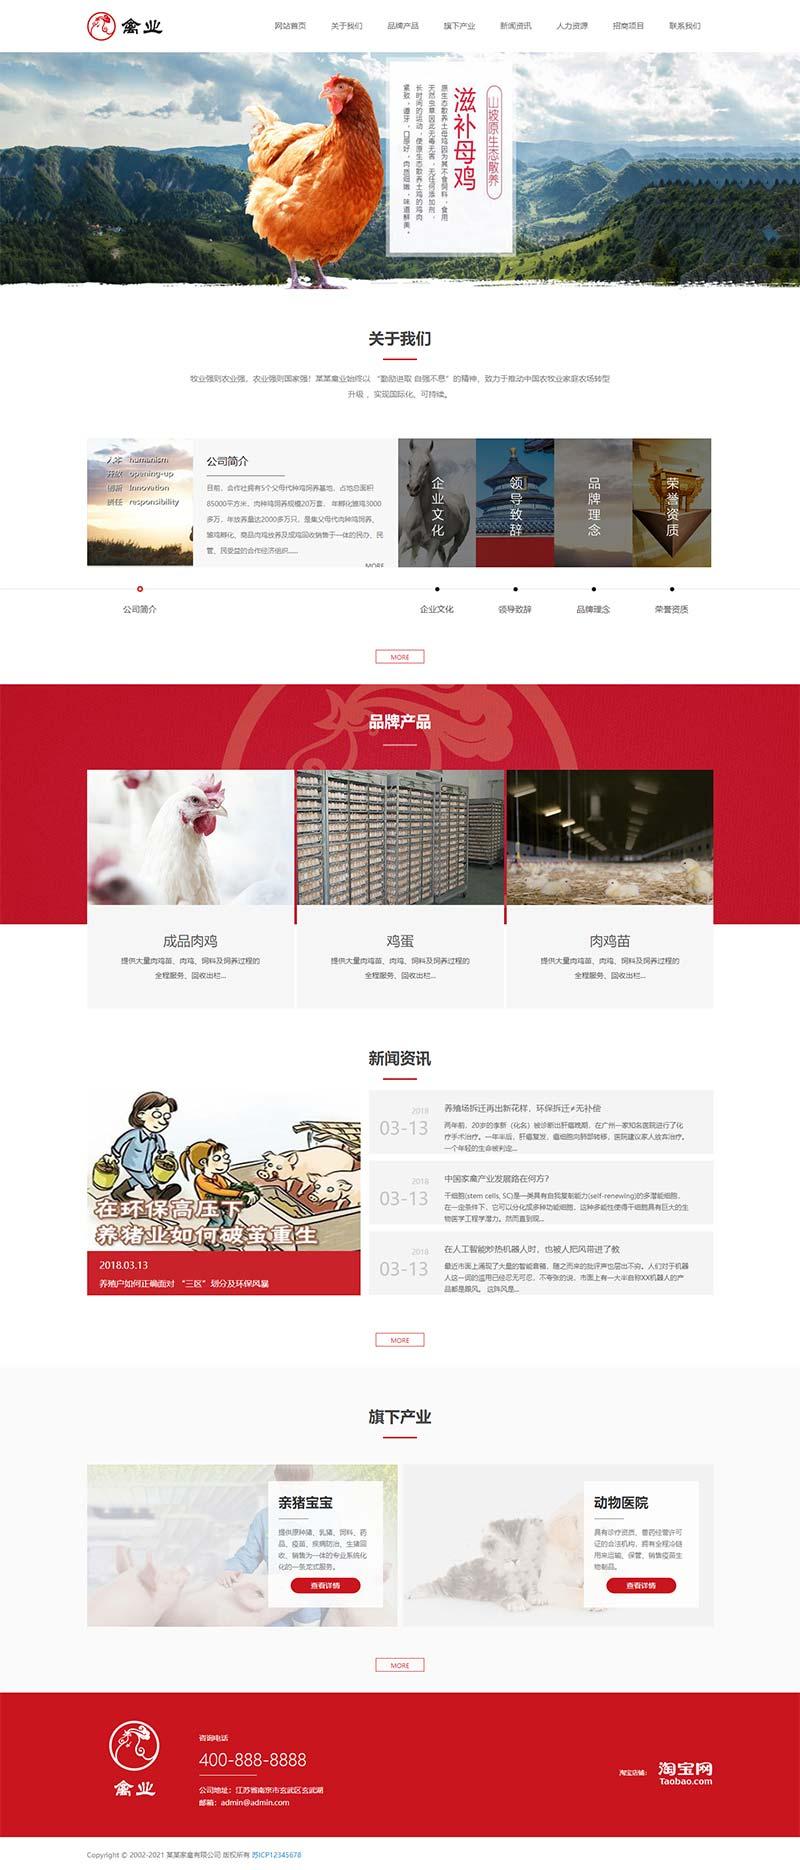 (自适应手机版)家禽饲养基地类网站织梦模板 响应式养殖企业网站模板下载